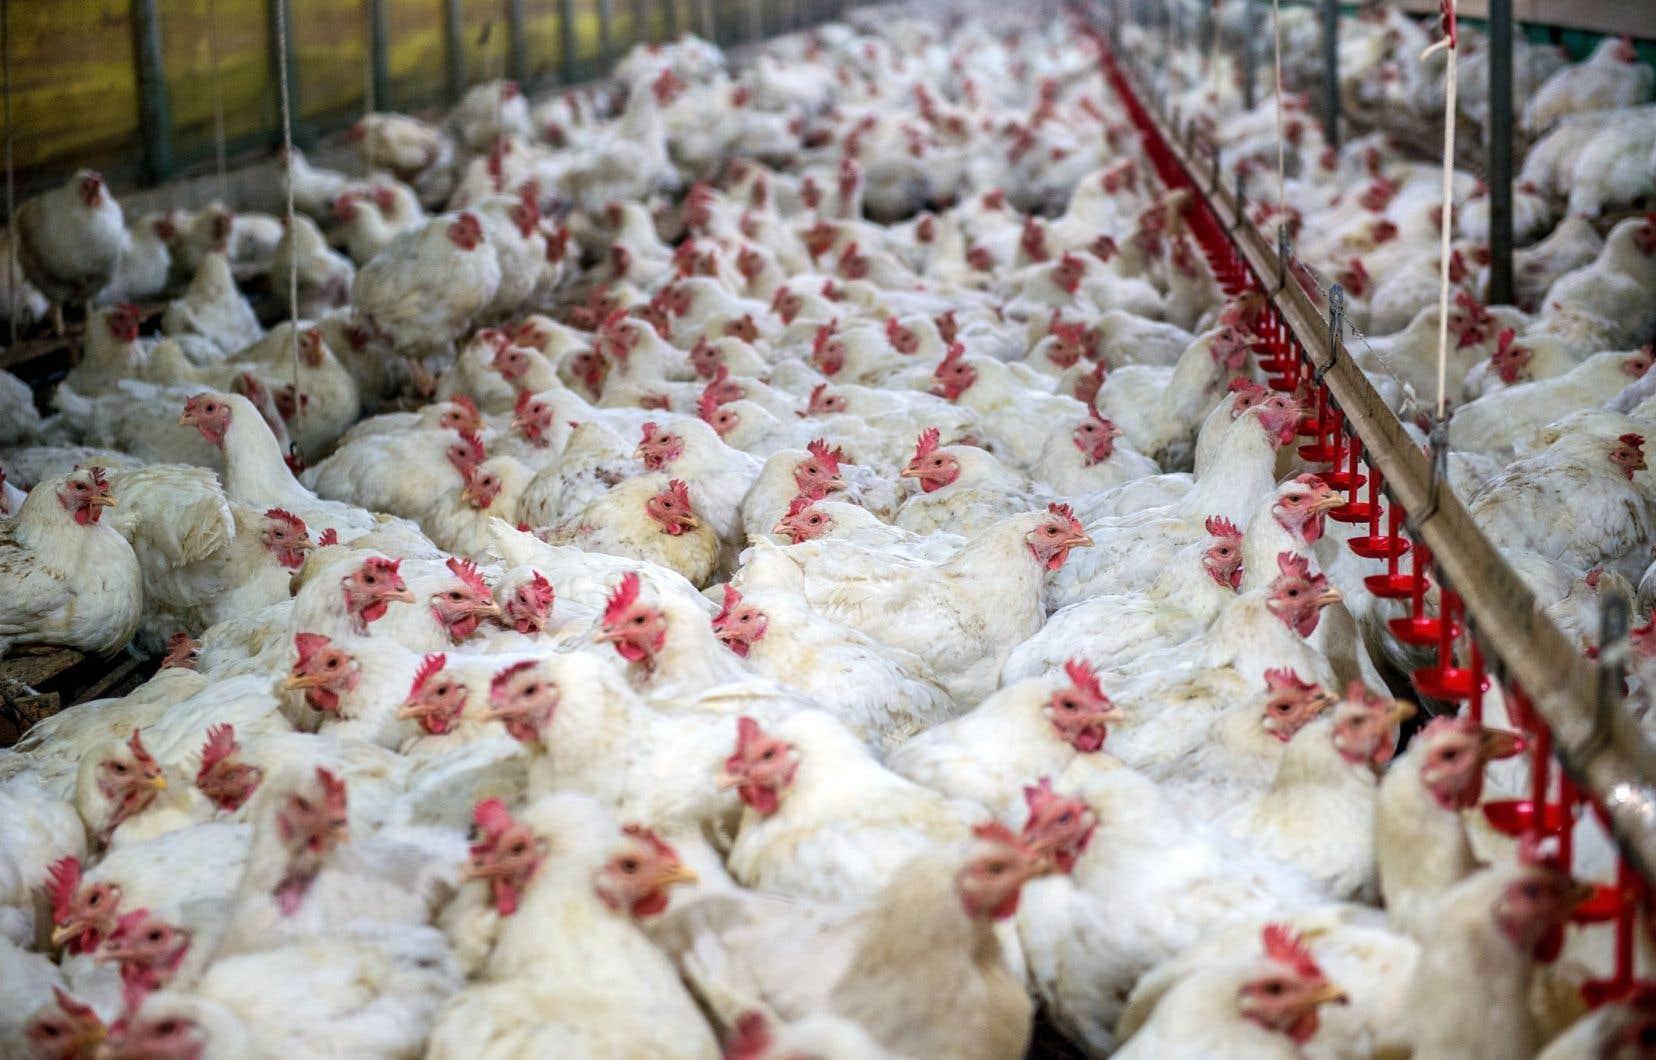 Les producteurs de volaille et d'œufs n'avaient pas encore d'argent du fédéral pour couvrir l'impact des accords de libre-échange avec l'Europe et avec la zone transpacifique.